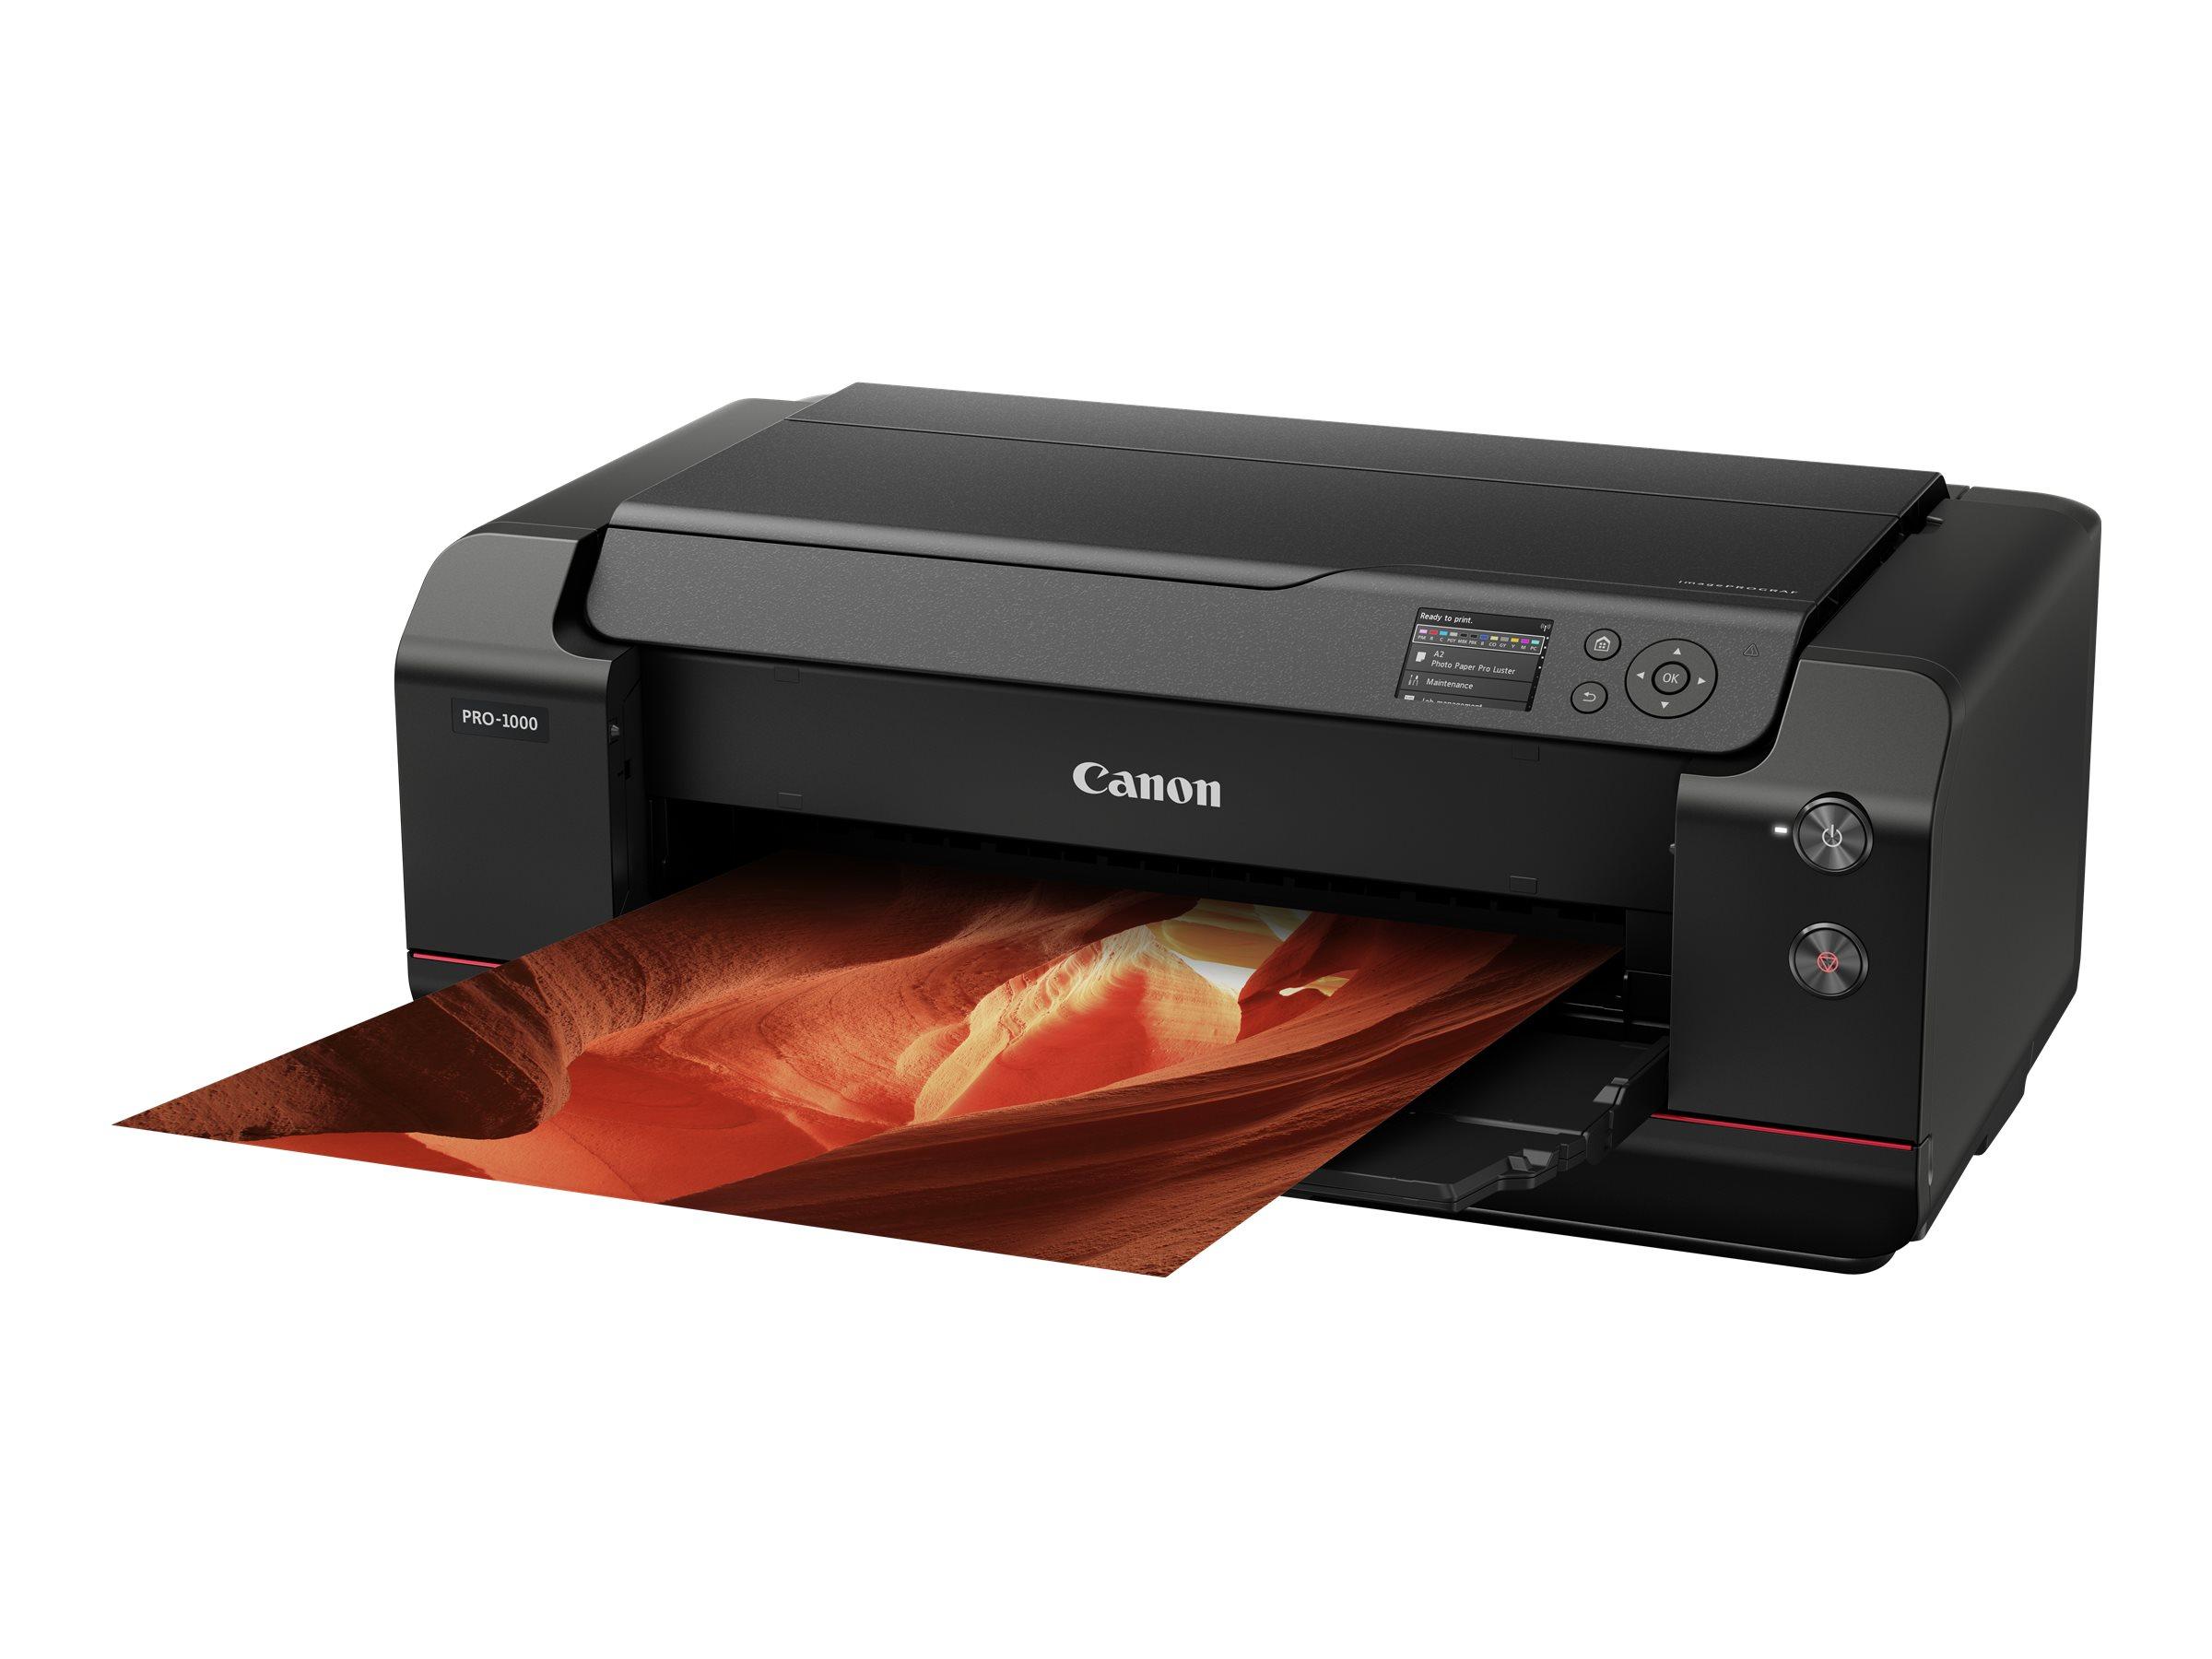 Imageprograf pro 1000 432 mm 17 grossformatdrucker farbe tintenstrahl 431 8 x 558 8 mm 2400 x 1200 dpi bis zu 3 58 min seite farbe 5737469 0608c025